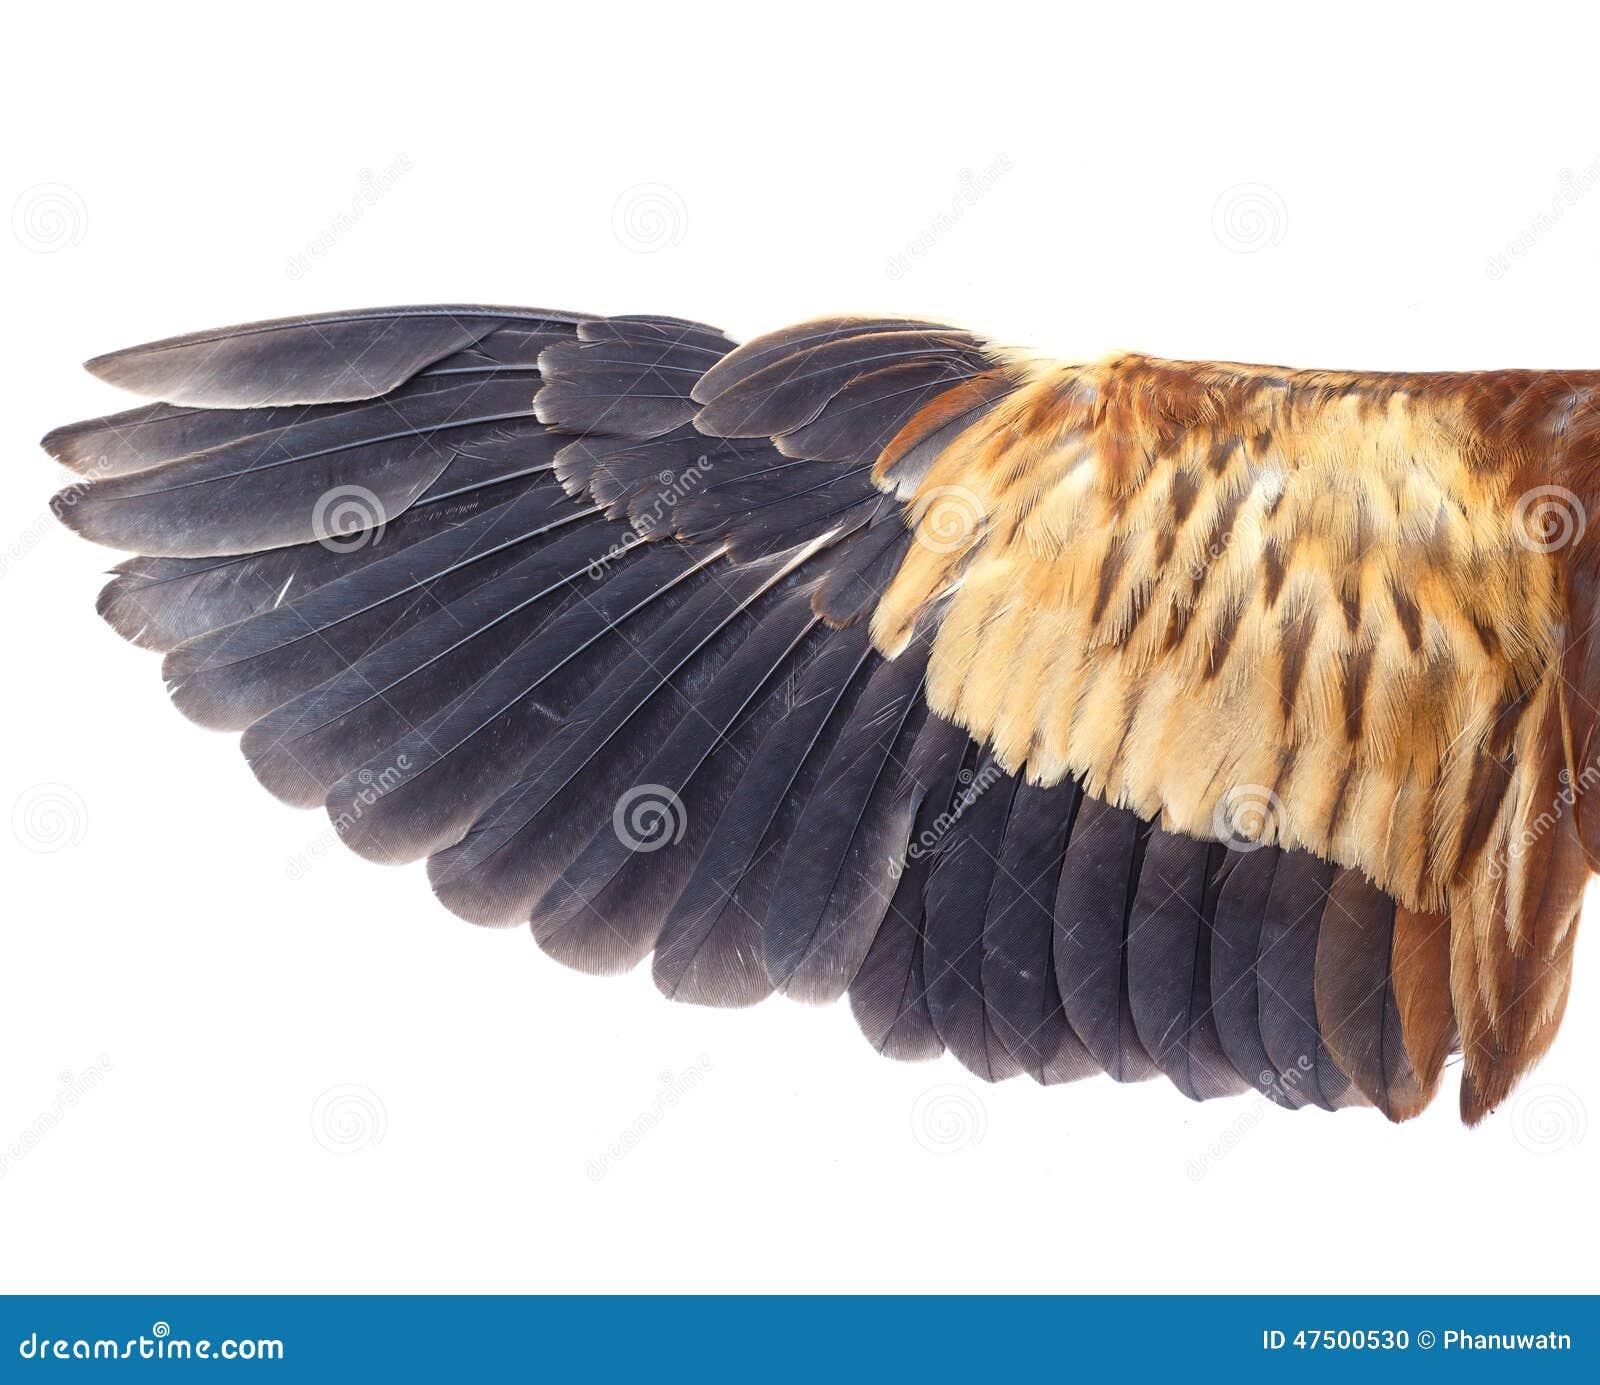 Único Pájaro Diagrama De La Anatomía Del Ala Friso - Imágenes de ...